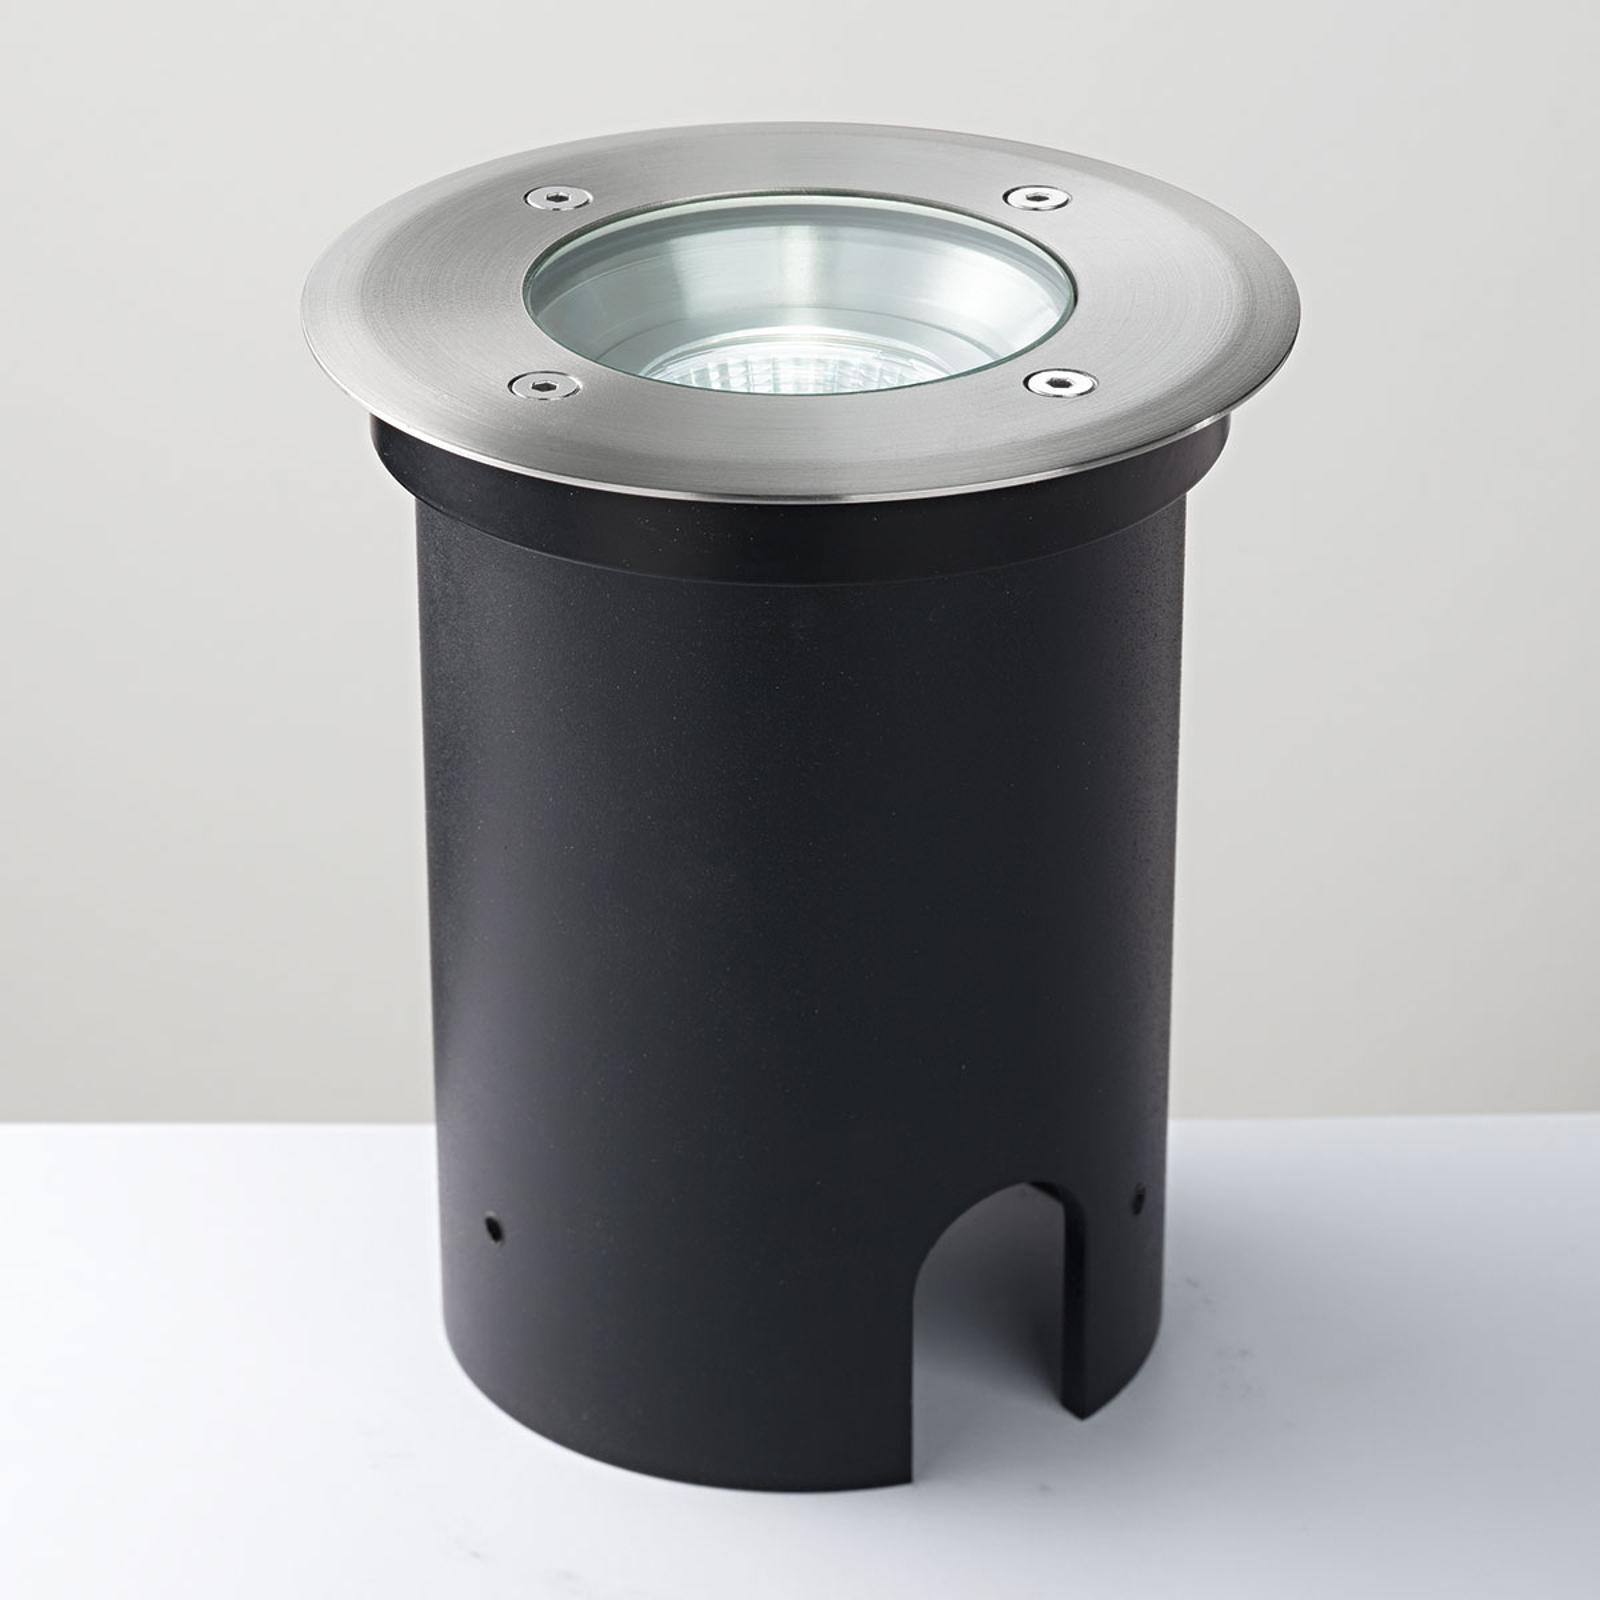 Oprawa wpuszczana podłogowa LED Scotty 3, IP67